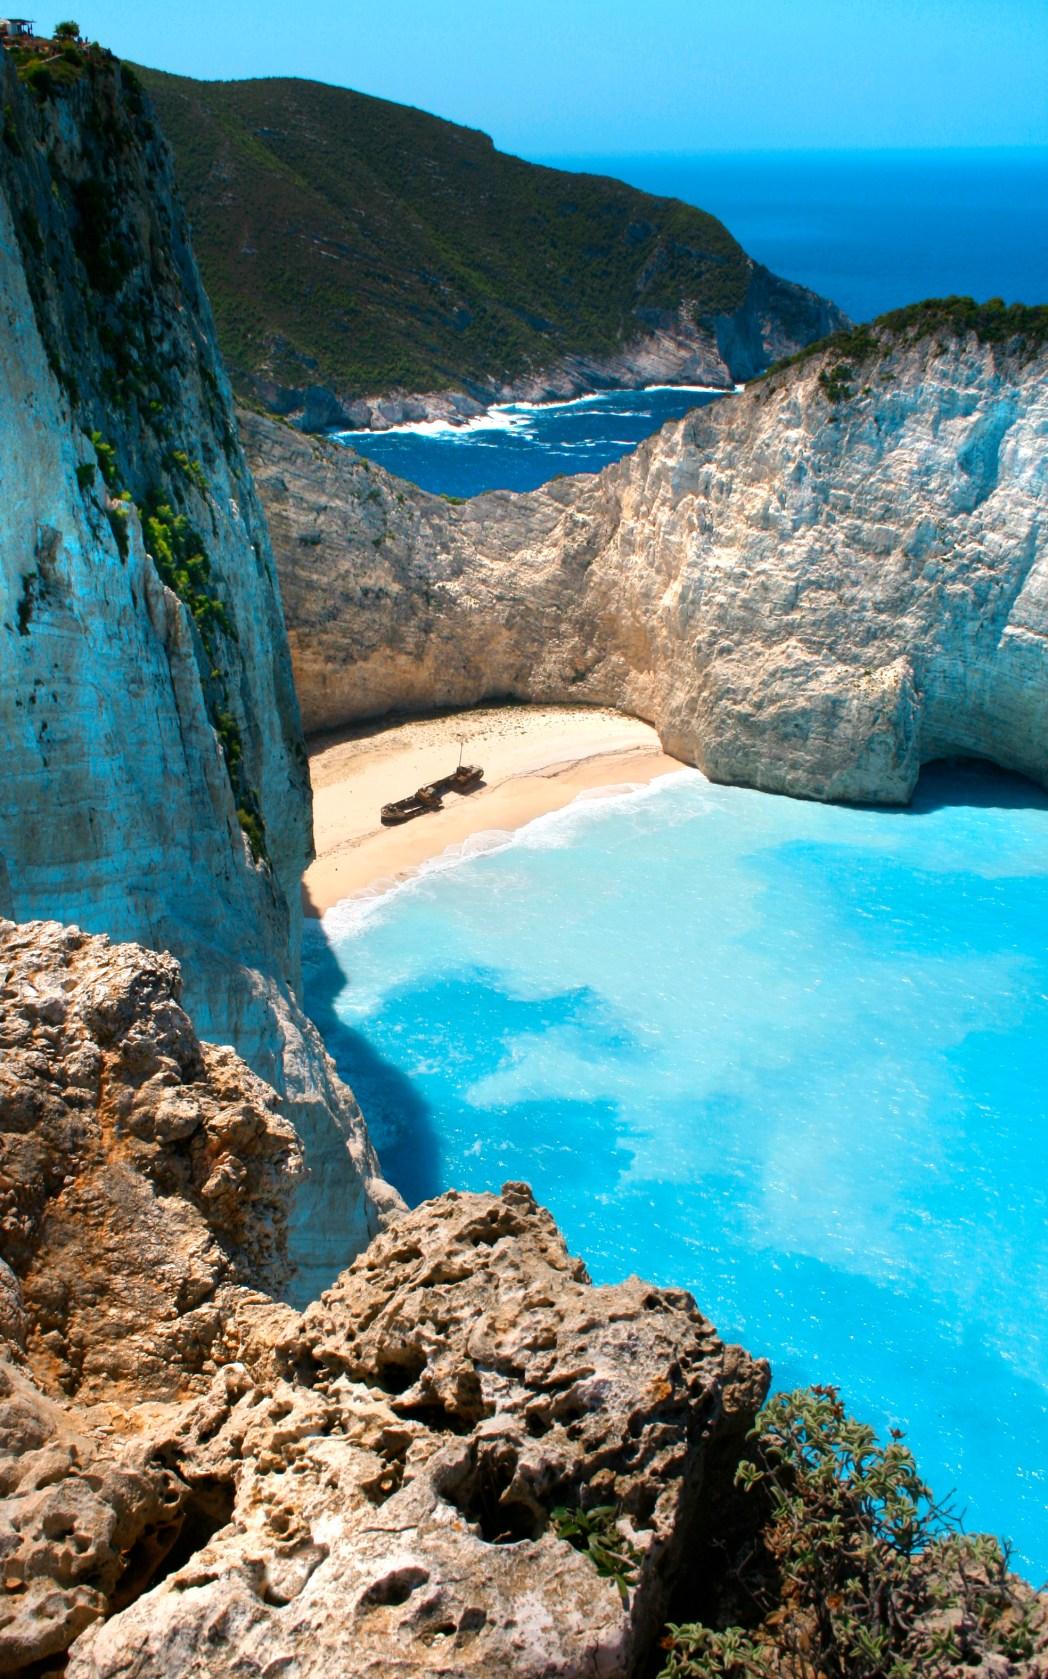 Κάντε βουτιά στην παραλία Ναυάγιο της Ζακύνθου, μία απ' τις πιο ξεχωριστές παραλίες της Ελλάδας